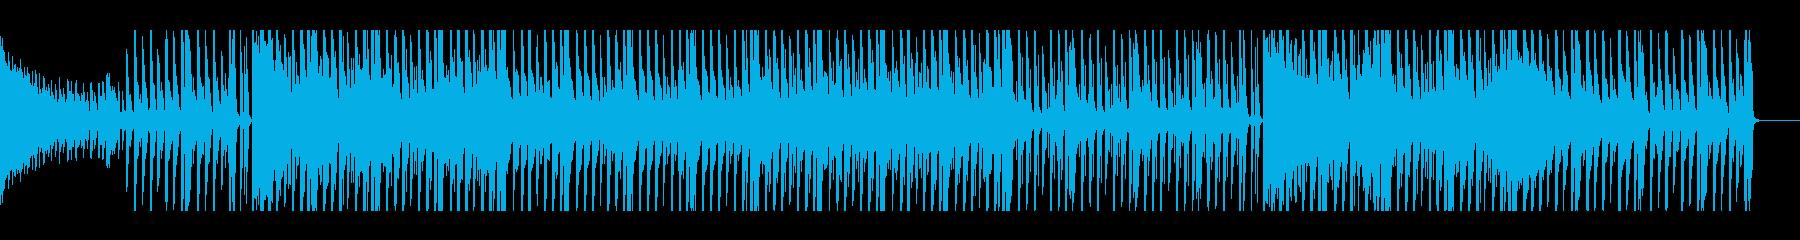 【パターン2-2】明るく元気なポップスの再生済みの波形